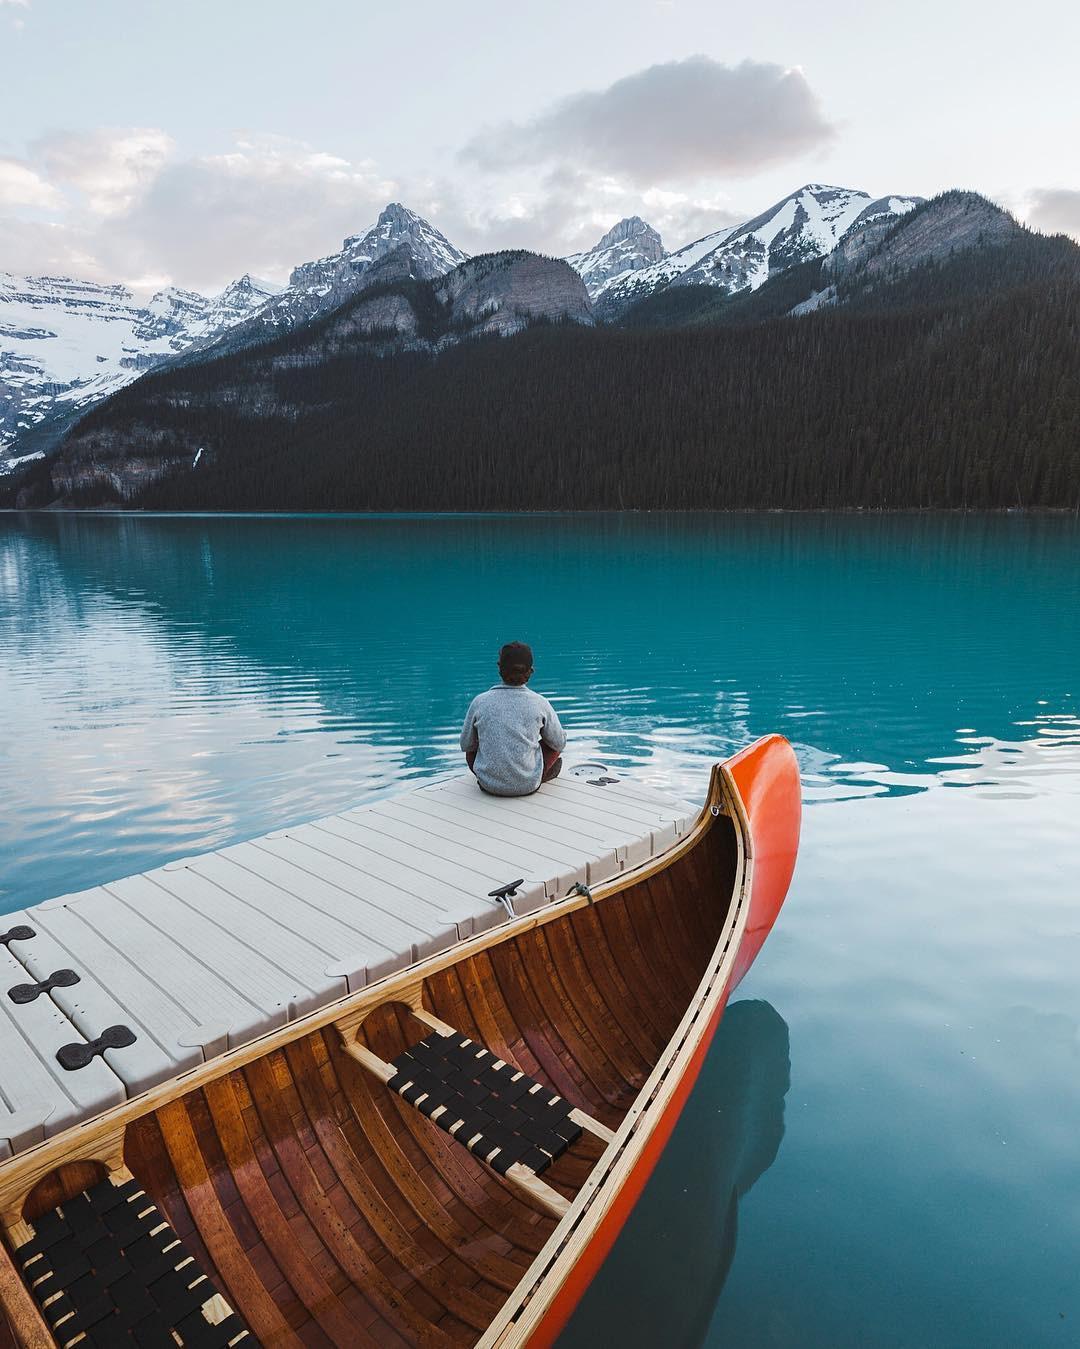 Có gì hay ở hồ nước màu xanh ngọc bích được mệnh danh là thiên đường trần gian ở Canada? - Ảnh 8.